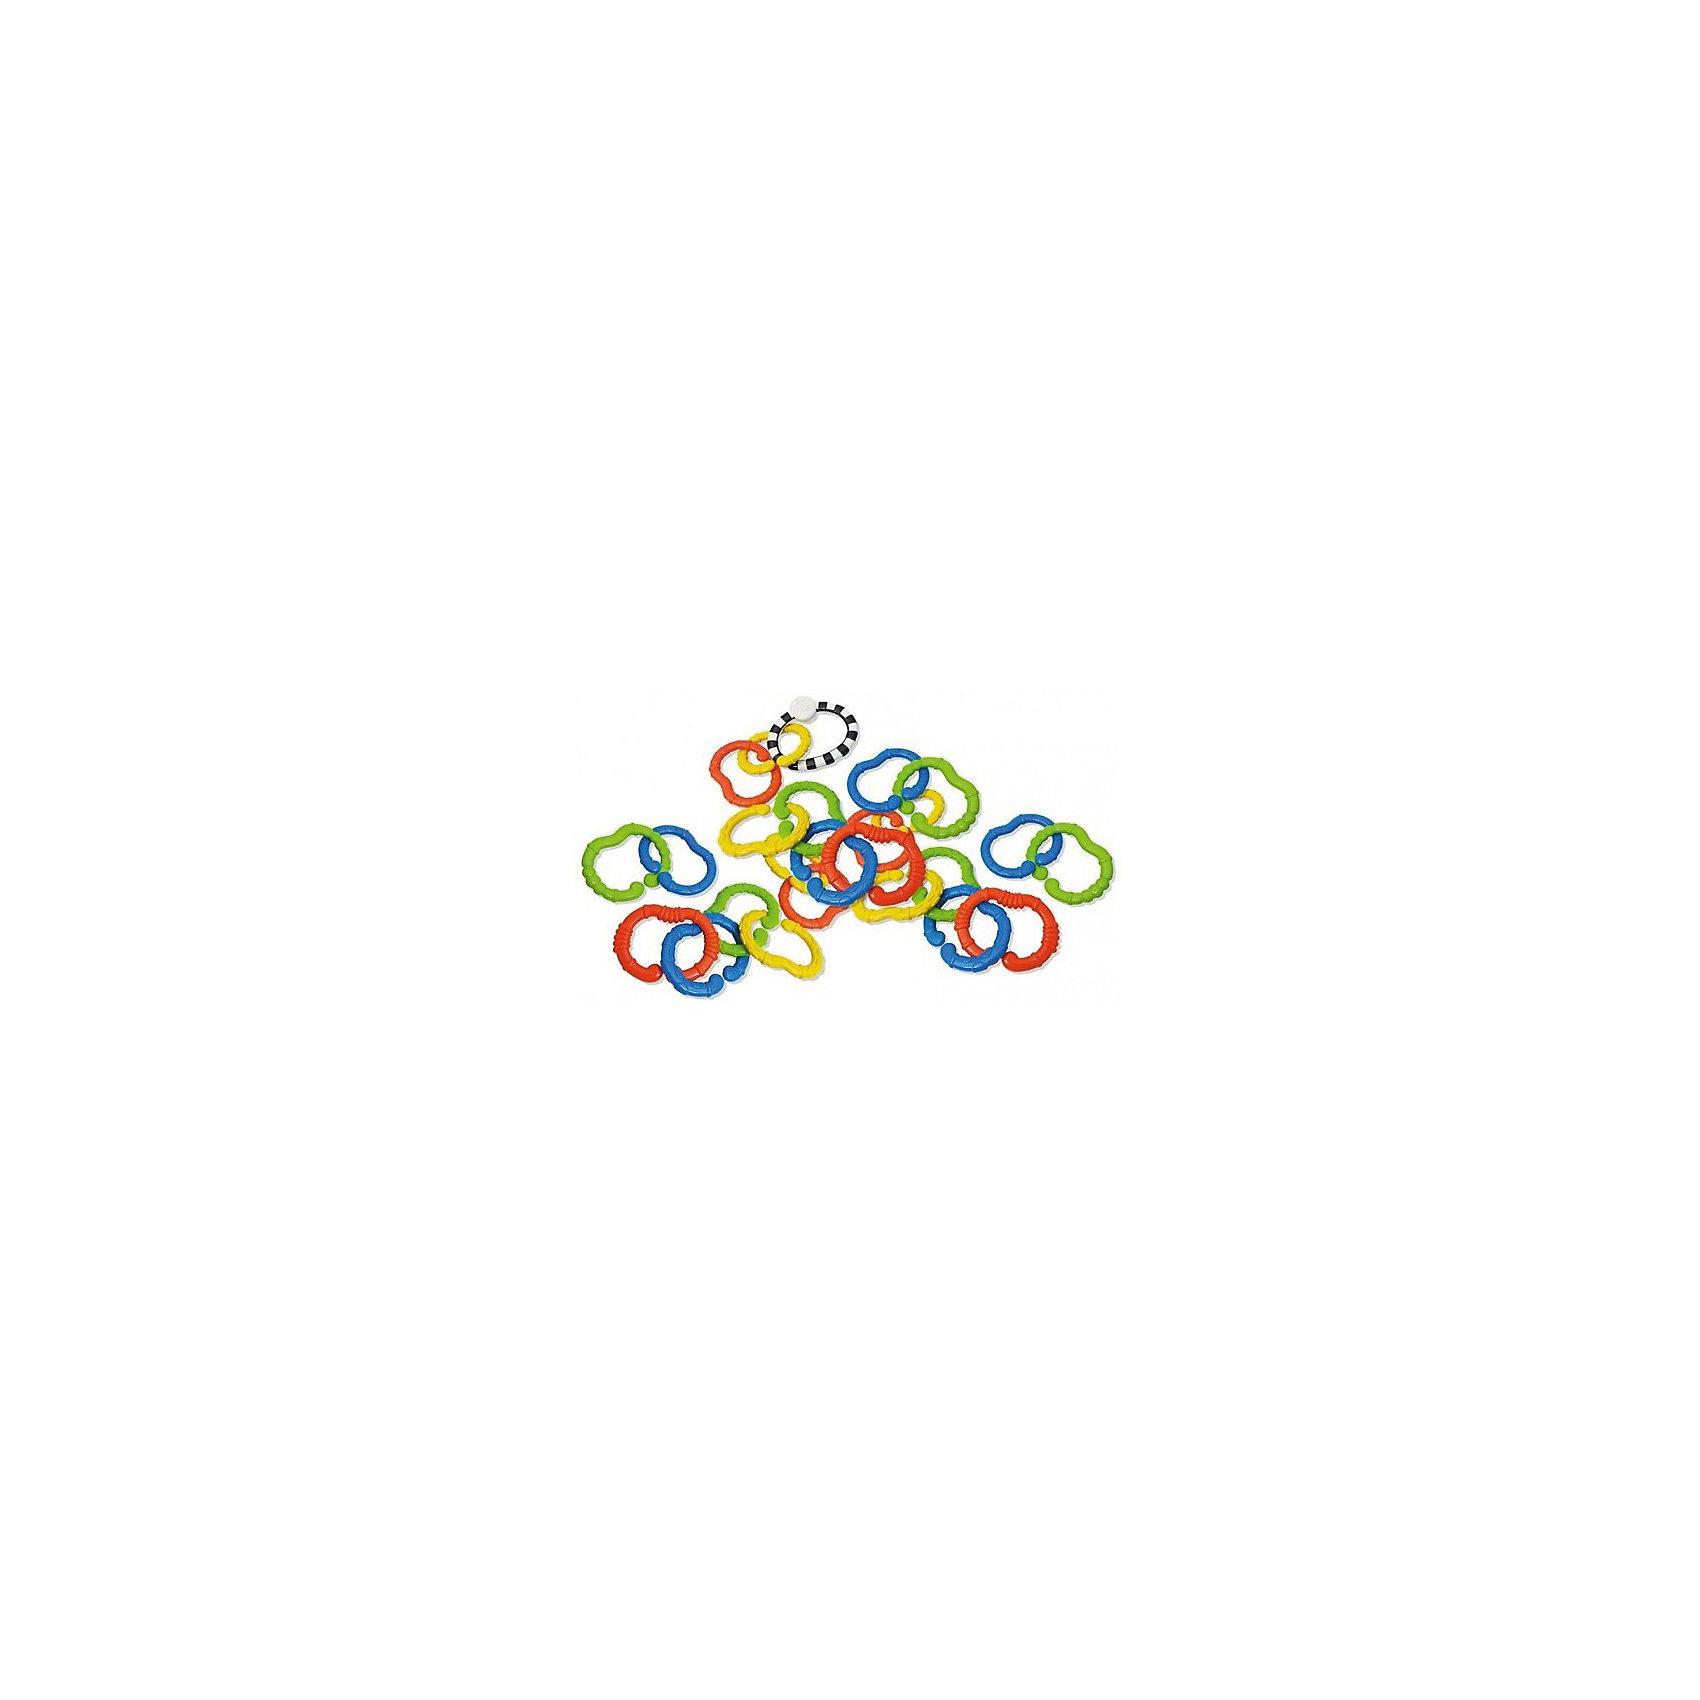 Игрушка - цепь Веселые колечки, 25 шт, BKidsИгрушки для малышей<br>Развивать способности ребенка можно с самого раннего возраста. Делая это в игре, малыш всесторонне изучает мир и осваивает новые навыки. Эта игрушка представляет собой набор с разными цветами и текстурами. Это одновременно и прорезыватель!<br>Такие игрушки способствуют развитию мелкой моторики, воображения, цвето- и звуковосприятия, тактильных ощущений и обучению. Изделие разработано специально для самых маленьких. Сделано из материалов, безопасных для детей.<br><br>Дополнительная информация:<br><br>цвет: разноцветный;<br>комплектация: 25 шт;<br>возраст: с рождения.<br><br>Игрушку - цепь Веселые колечки, 25 шт, от бренда BKids можно купить в нашем интернет-магазине.<br><br>Ширина мм: 68<br>Глубина мм: 68<br>Высота мм: 216<br>Вес г: 191<br>Возраст от месяцев: 12<br>Возраст до месяцев: 36<br>Пол: Унисекс<br>Возраст: Детский<br>SKU: 5055395